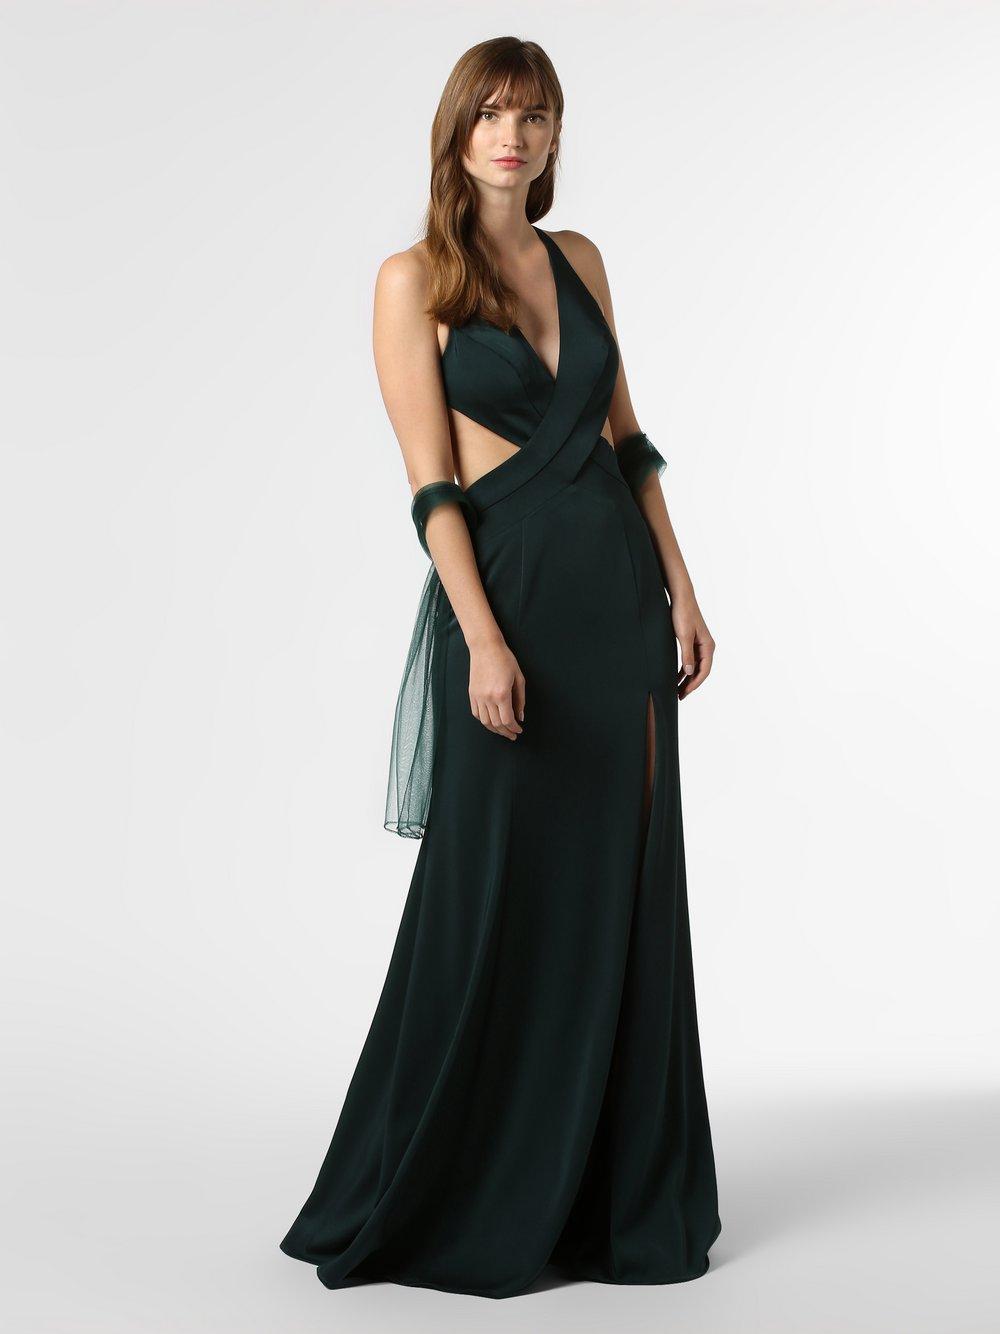 Mascara - Damska sukienka wieczorowa z etolą, zielony